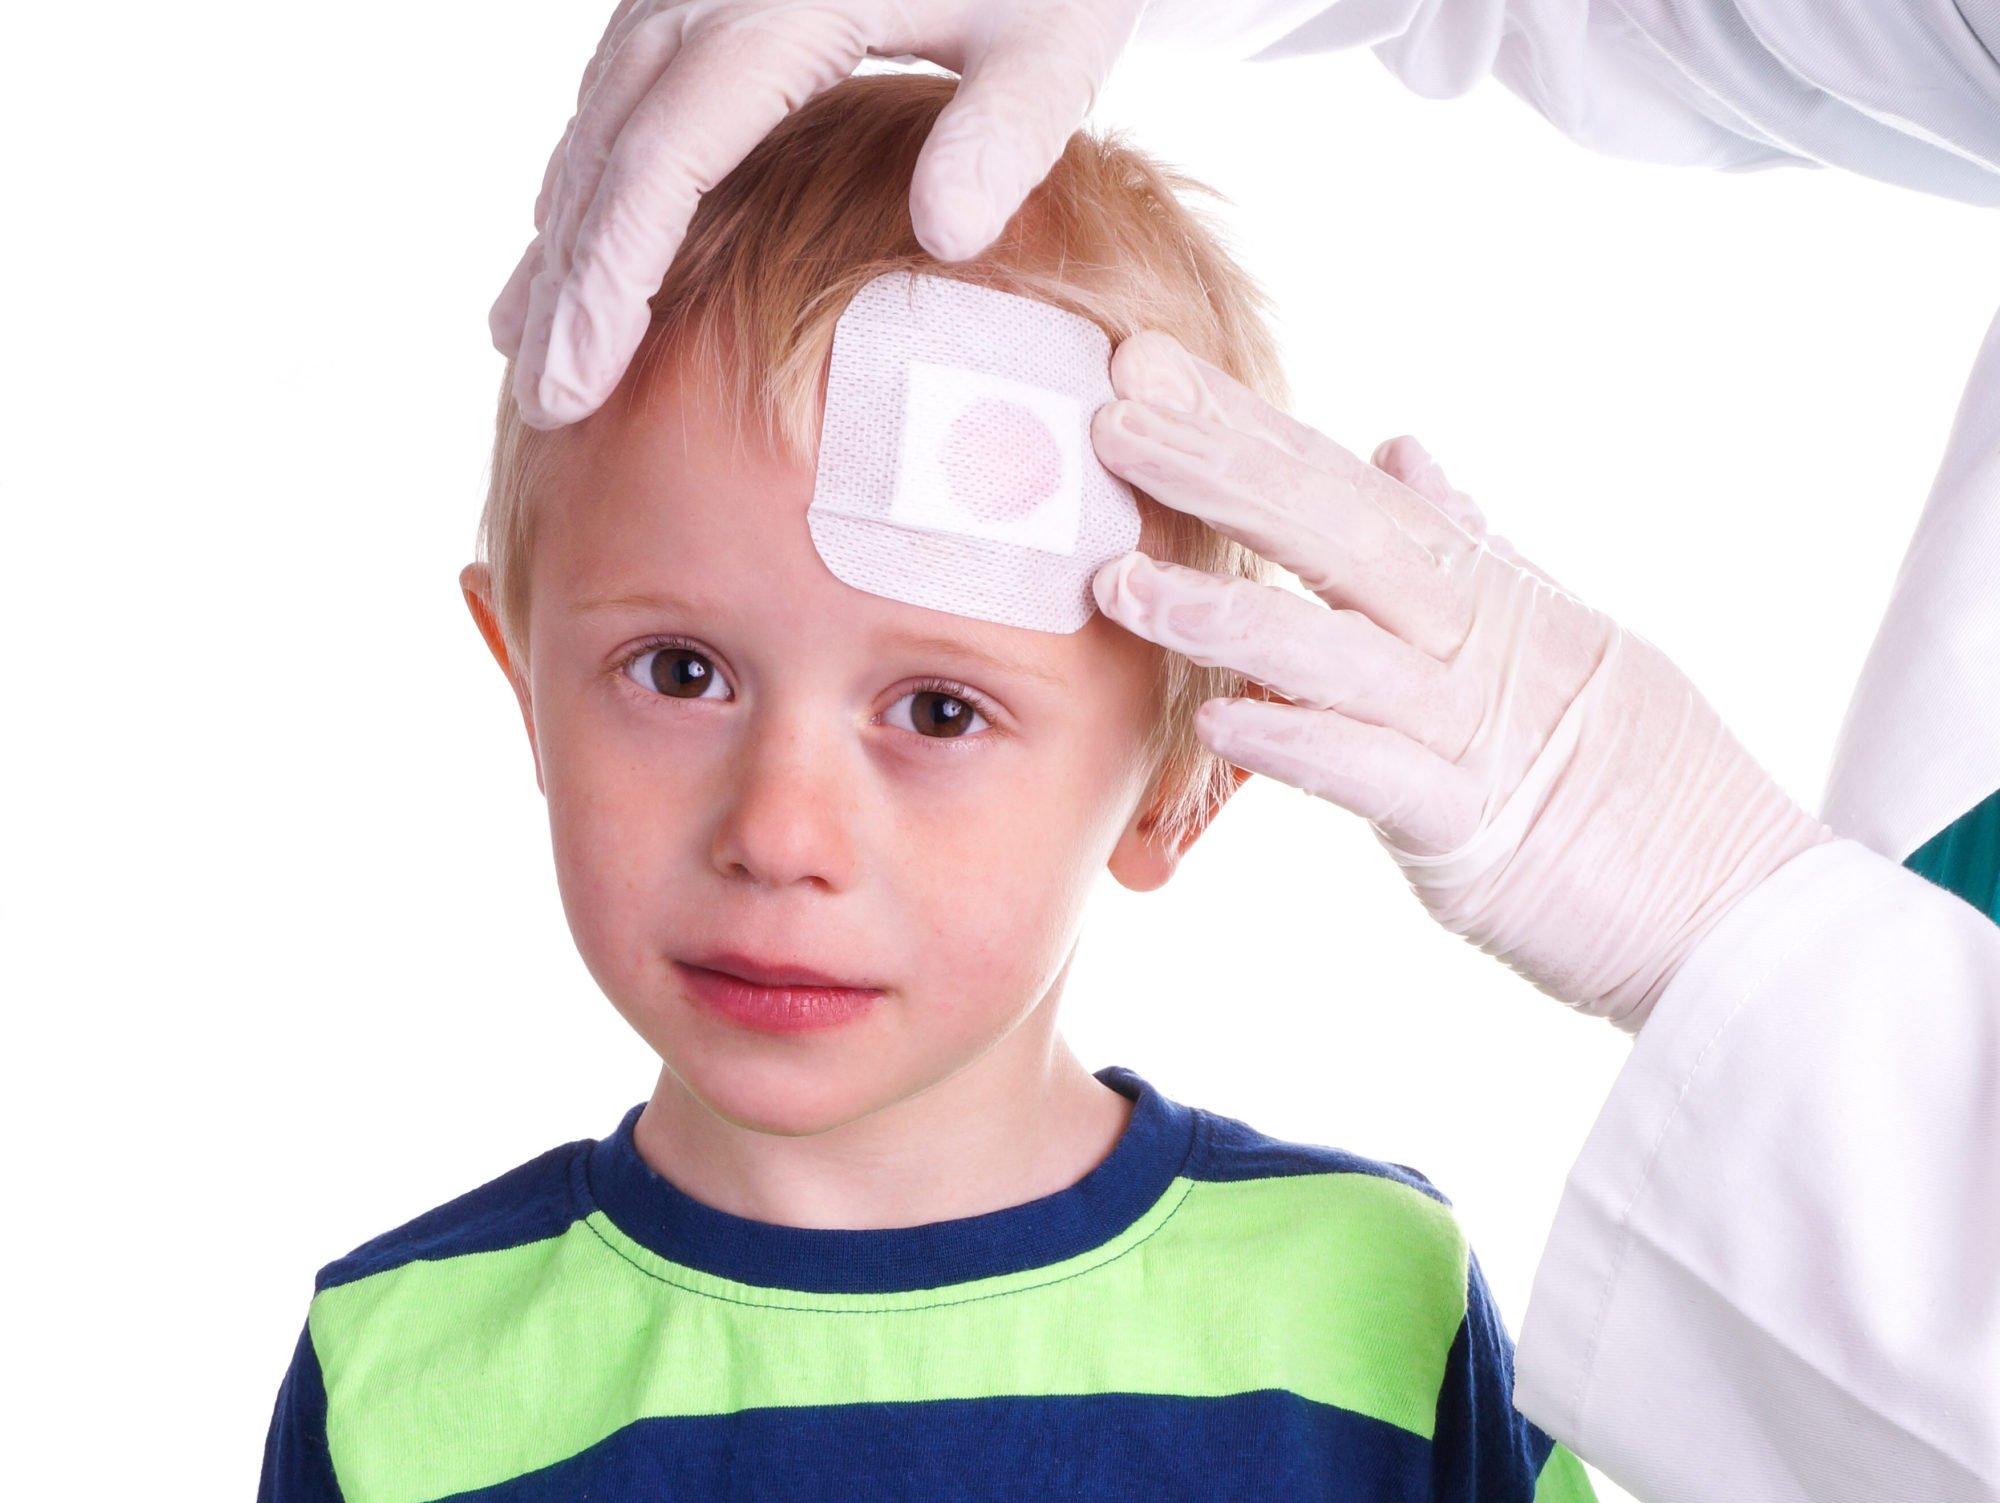 Что делать если у ребенка перелом теменной кости?